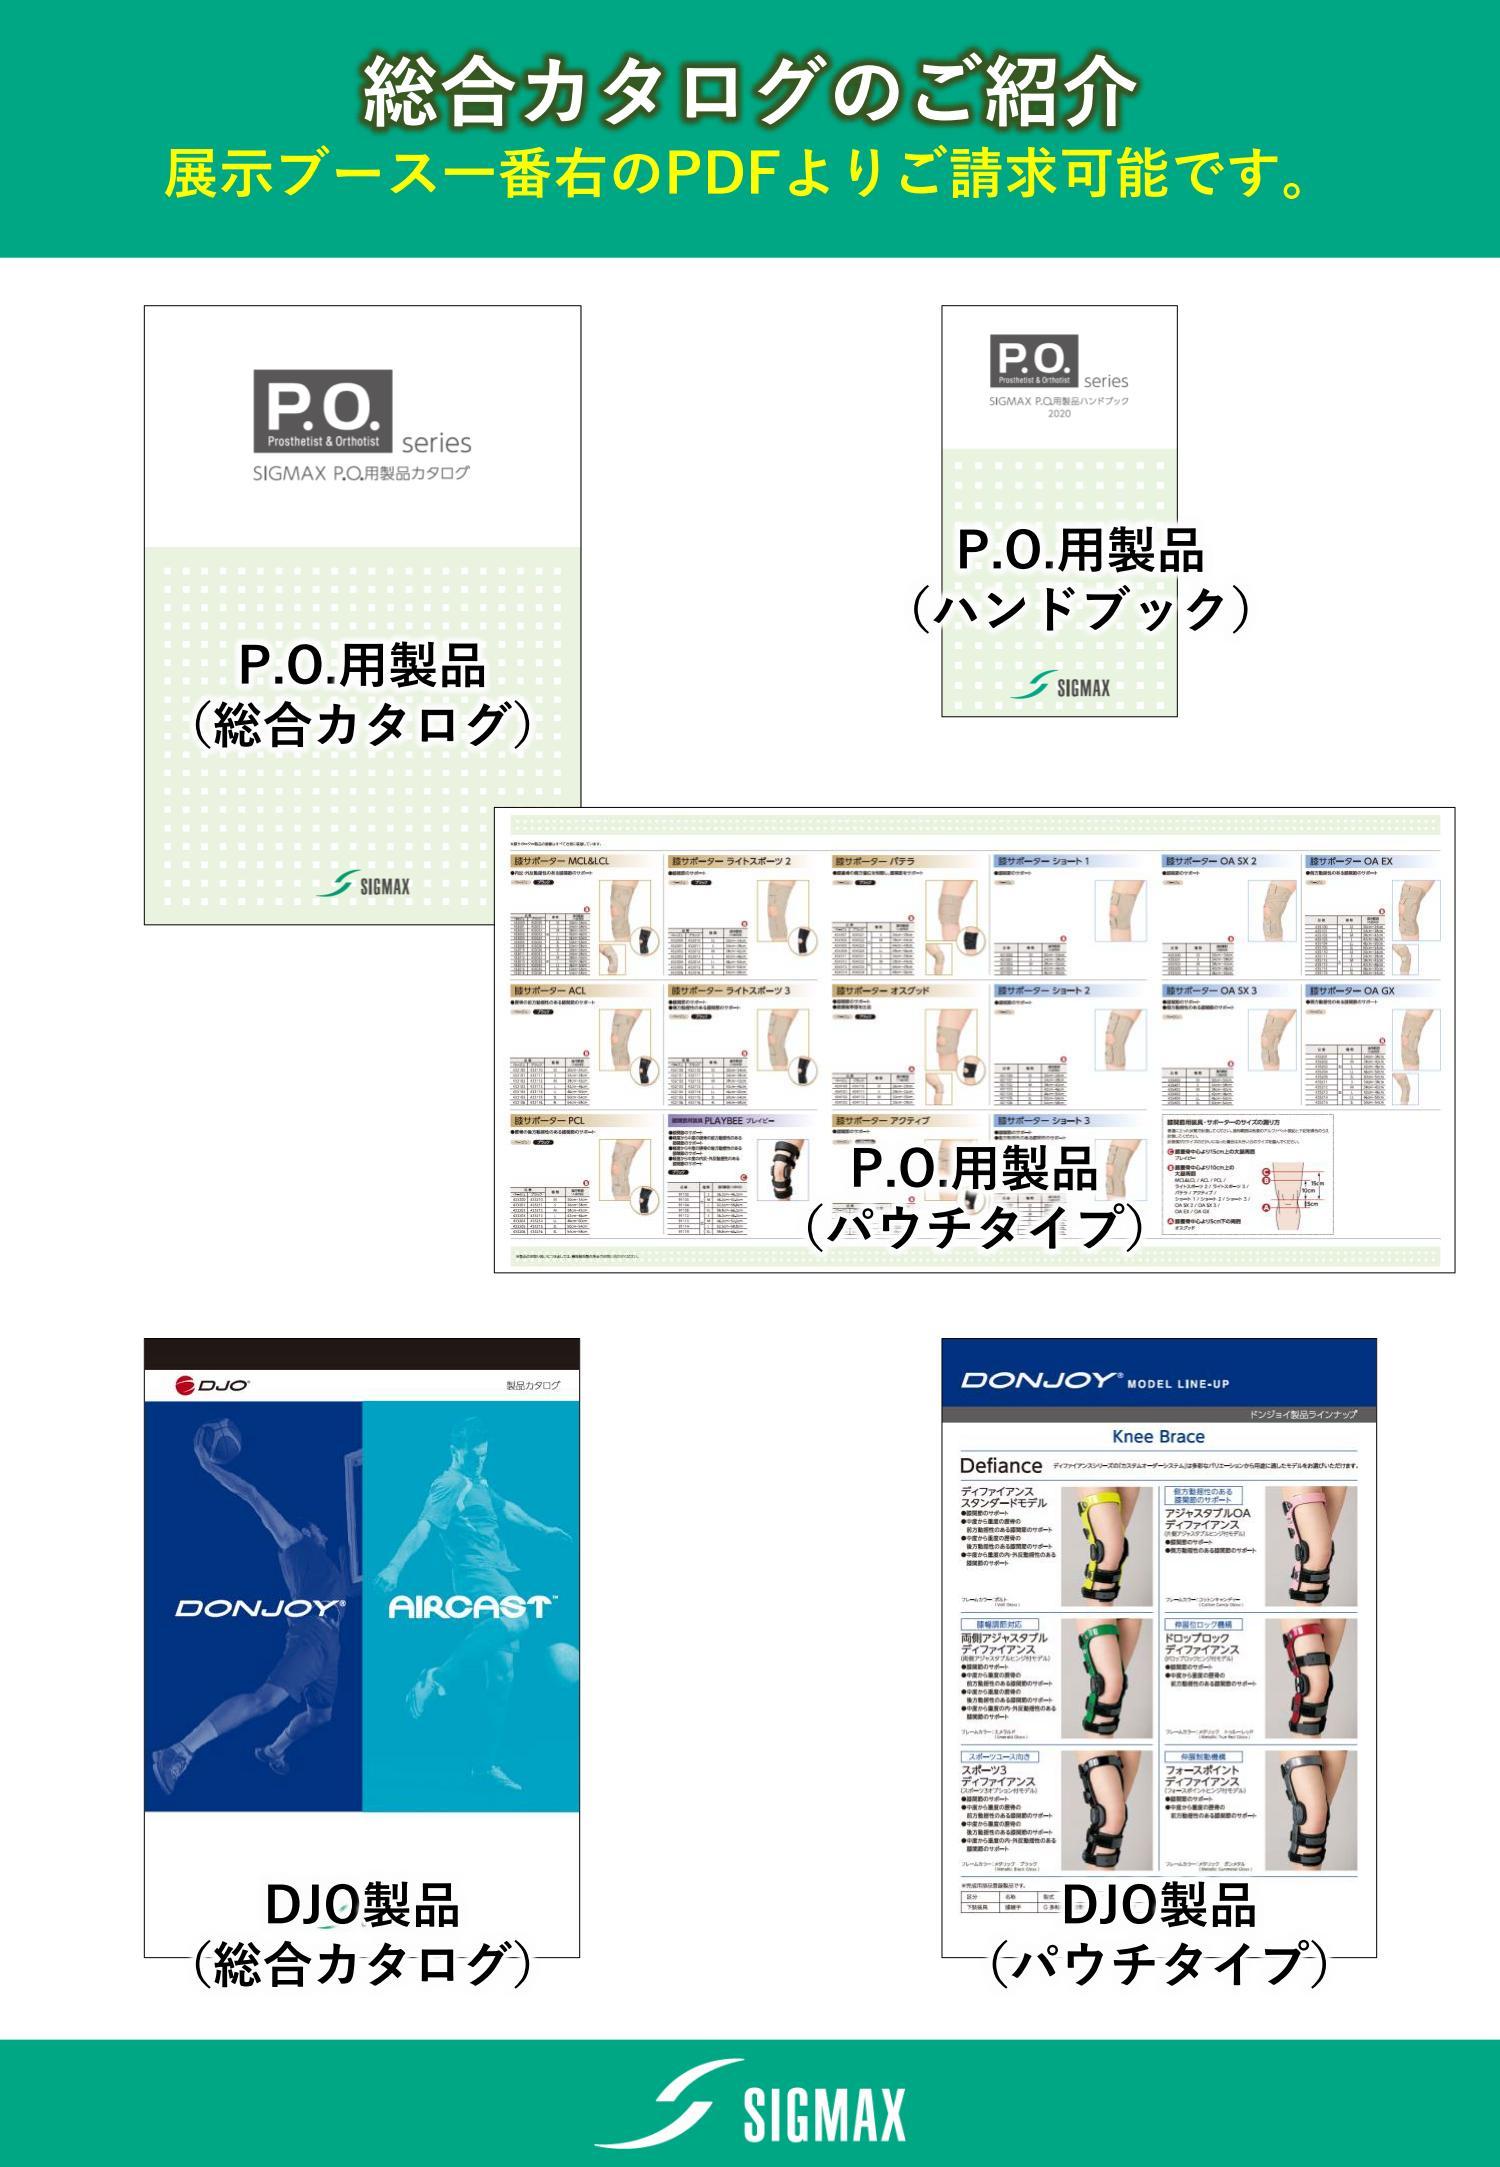 シグマックスP.O用製品、DJO製品の総合カタログのご紹介です。